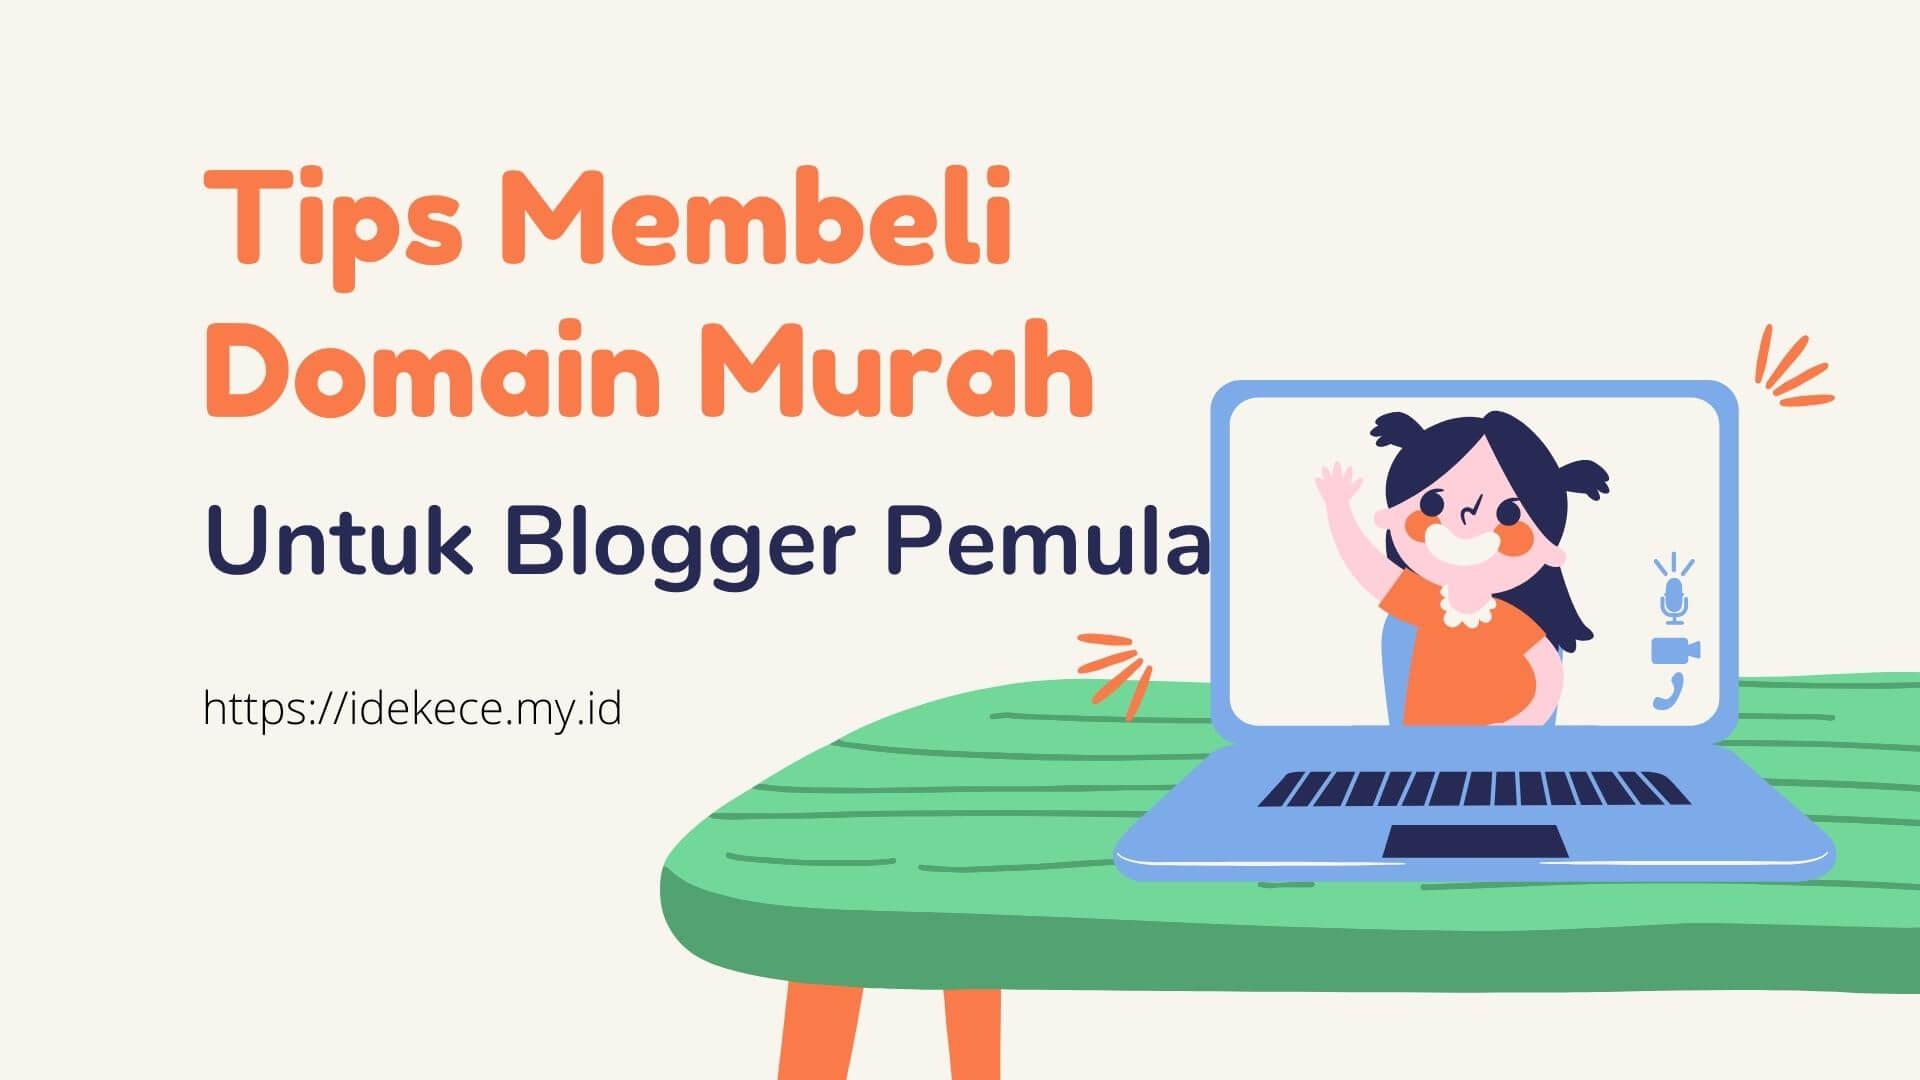 Tips Membeli Domain Murah untuk Blogger Pemula